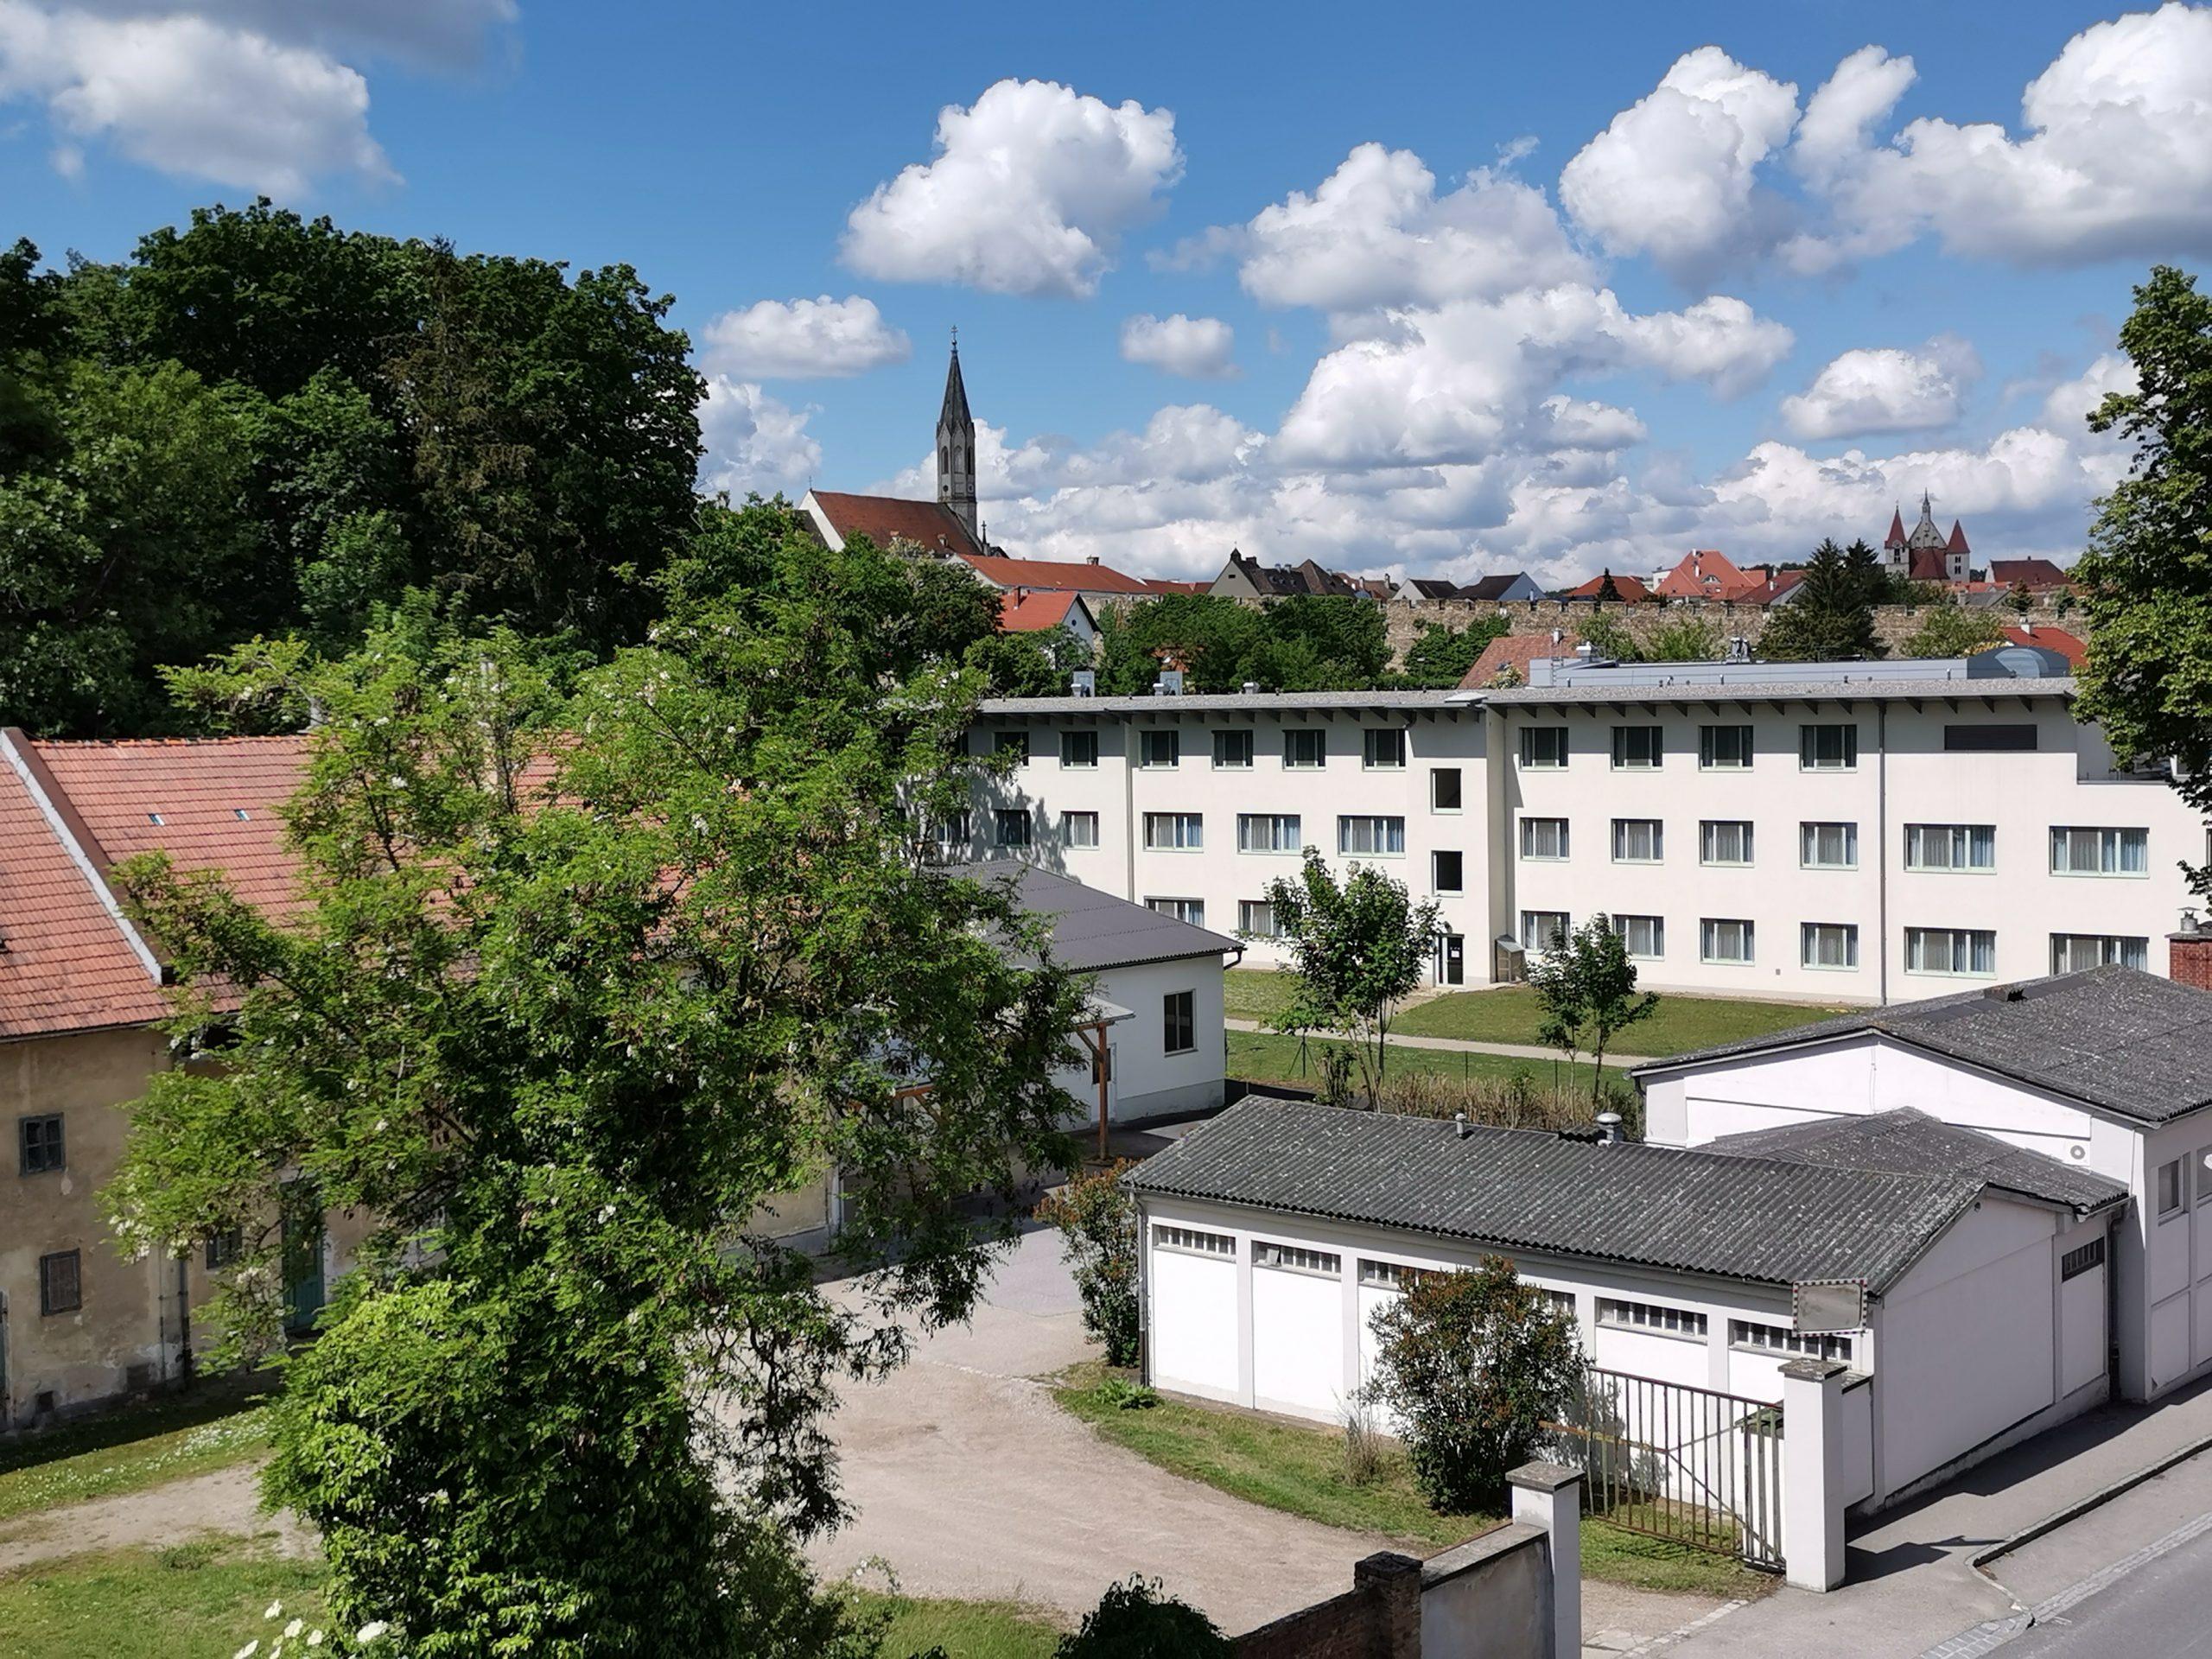 Immobilie von Kamptal in 3730 Eggenburg, Horn, Eggenburg V/2 - Top 111 #5